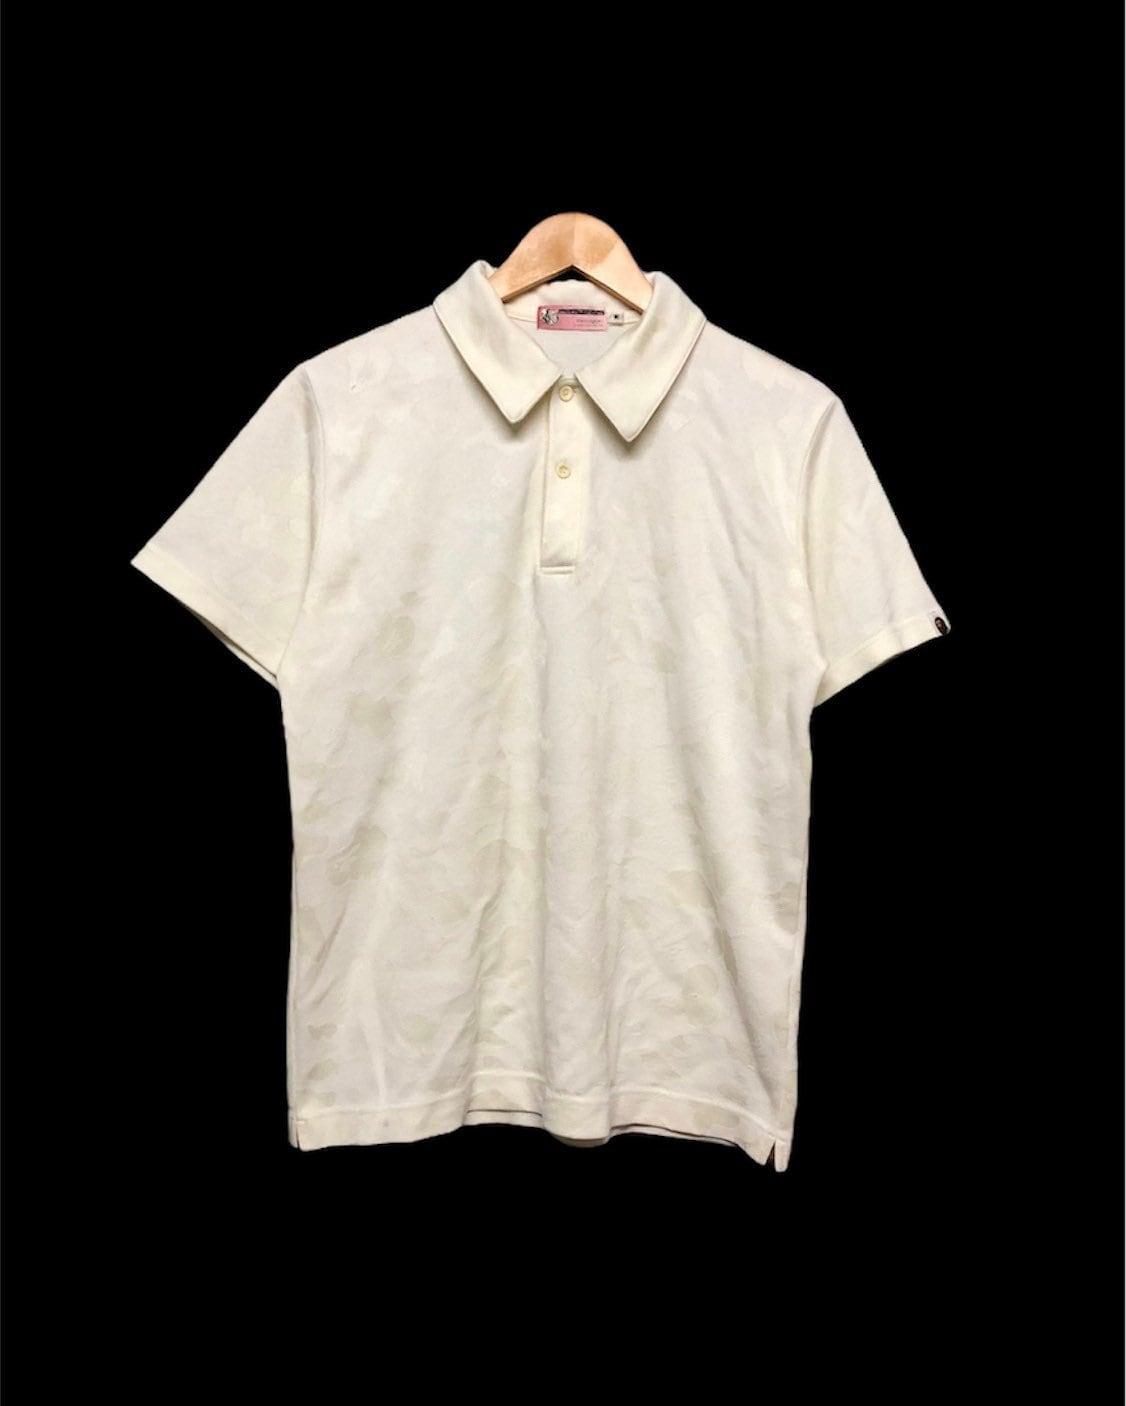 Vtg!!!Rare Bape Target General LogoBathing Ape Nigo ShirtMade In JapanSize L